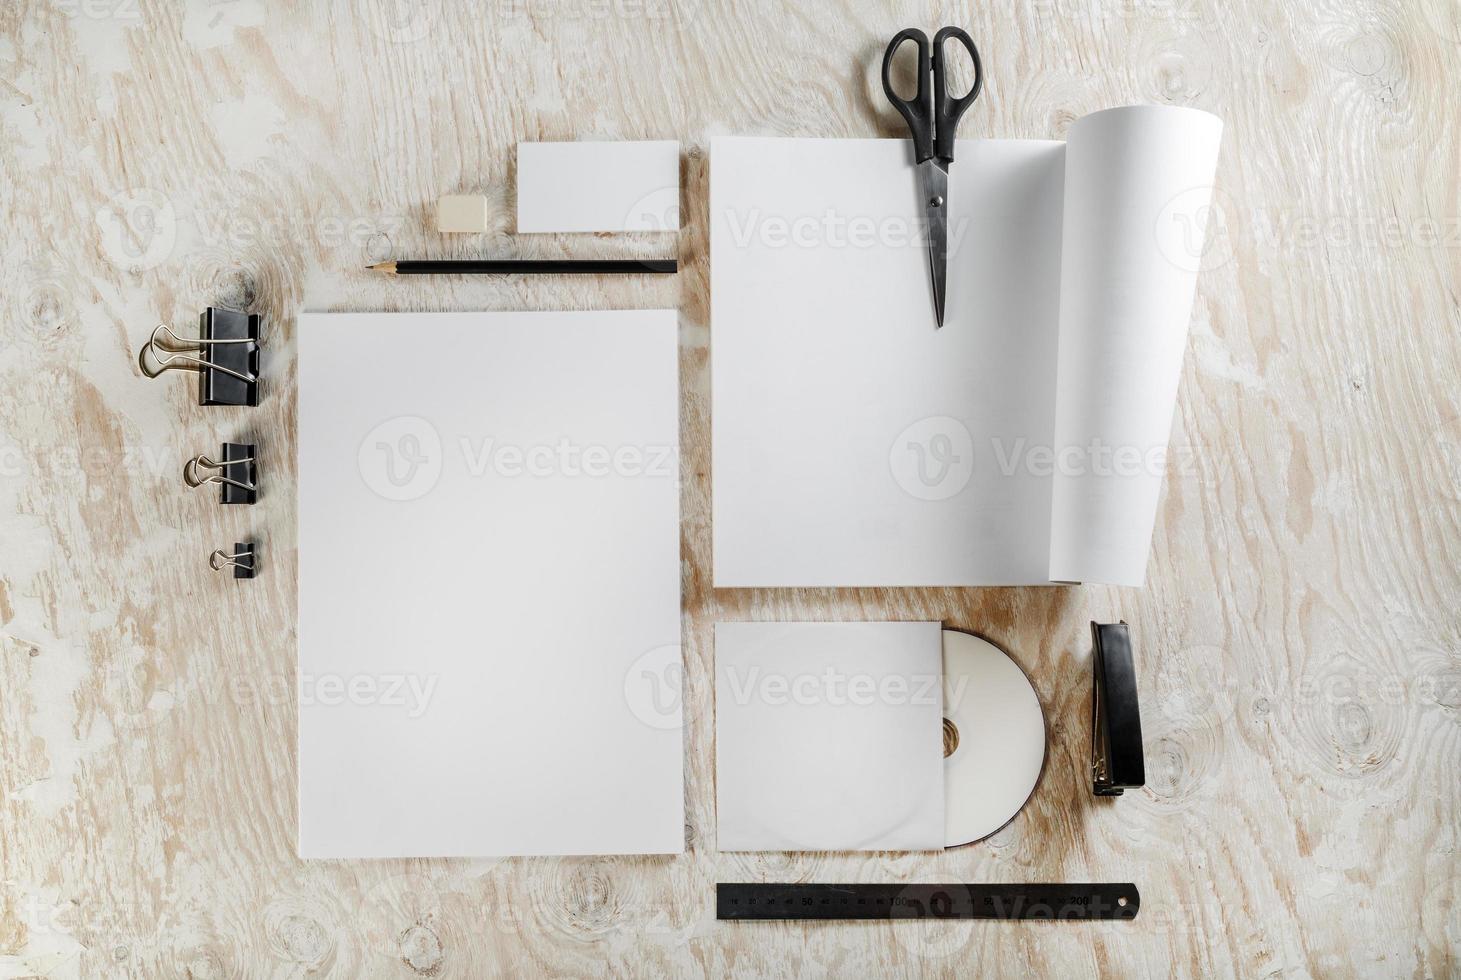 Blank stationery photo